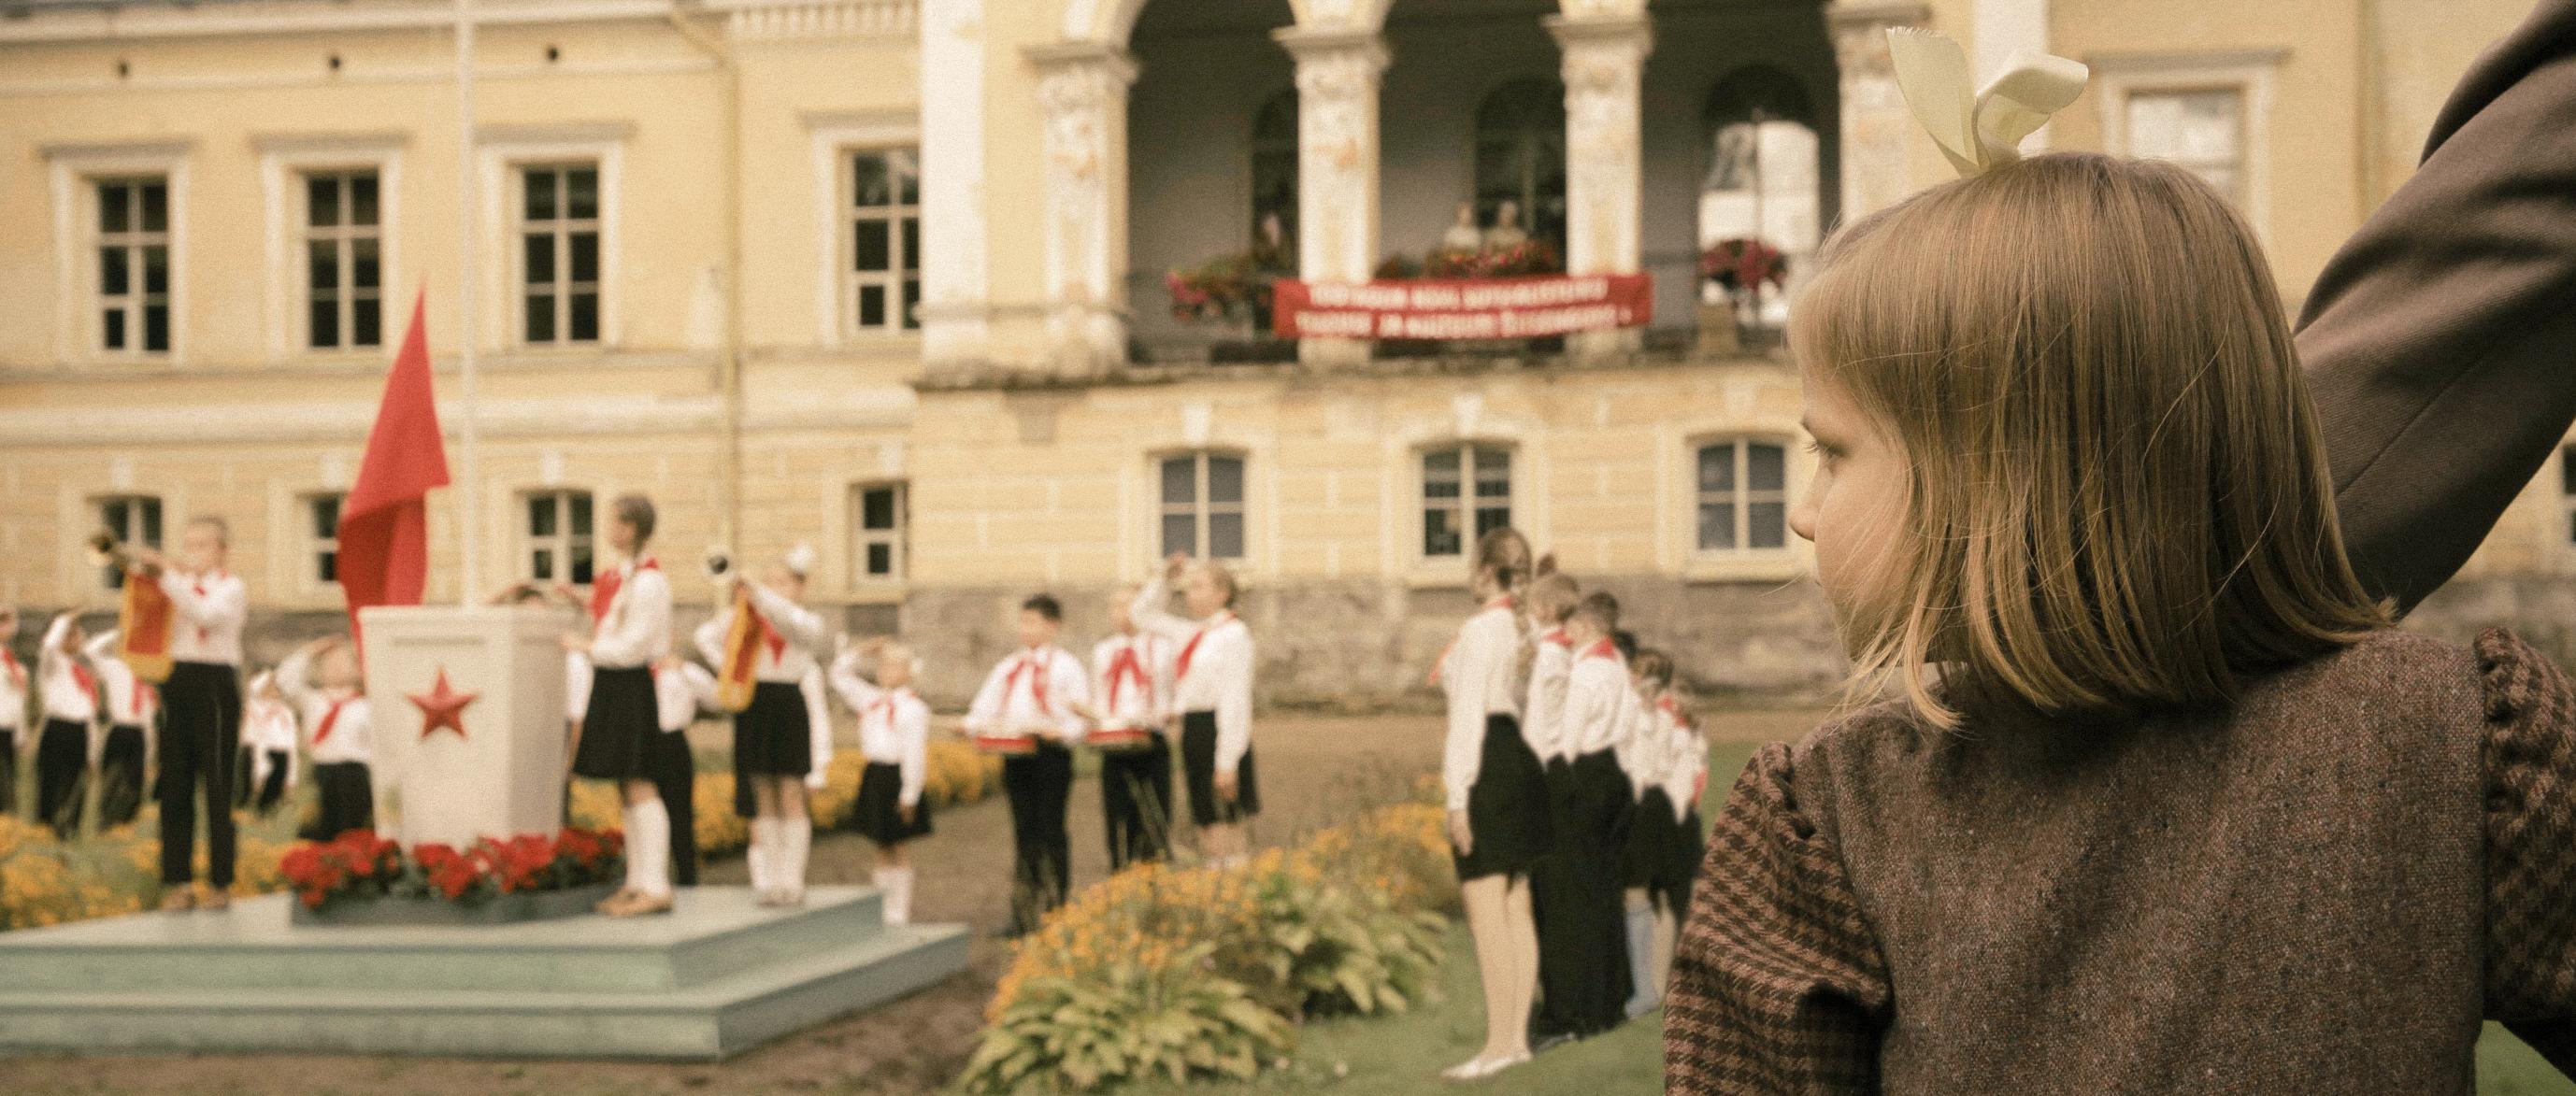 """""""Seltsimees laps"""", kontseptsioonifoto Leelo Tungla autobiograafilise teose ekraniseeringust, mis jõuab kinolevisse lähiaastatel. Amrion Productioni ja Eesti Filmi Instituudi loal"""